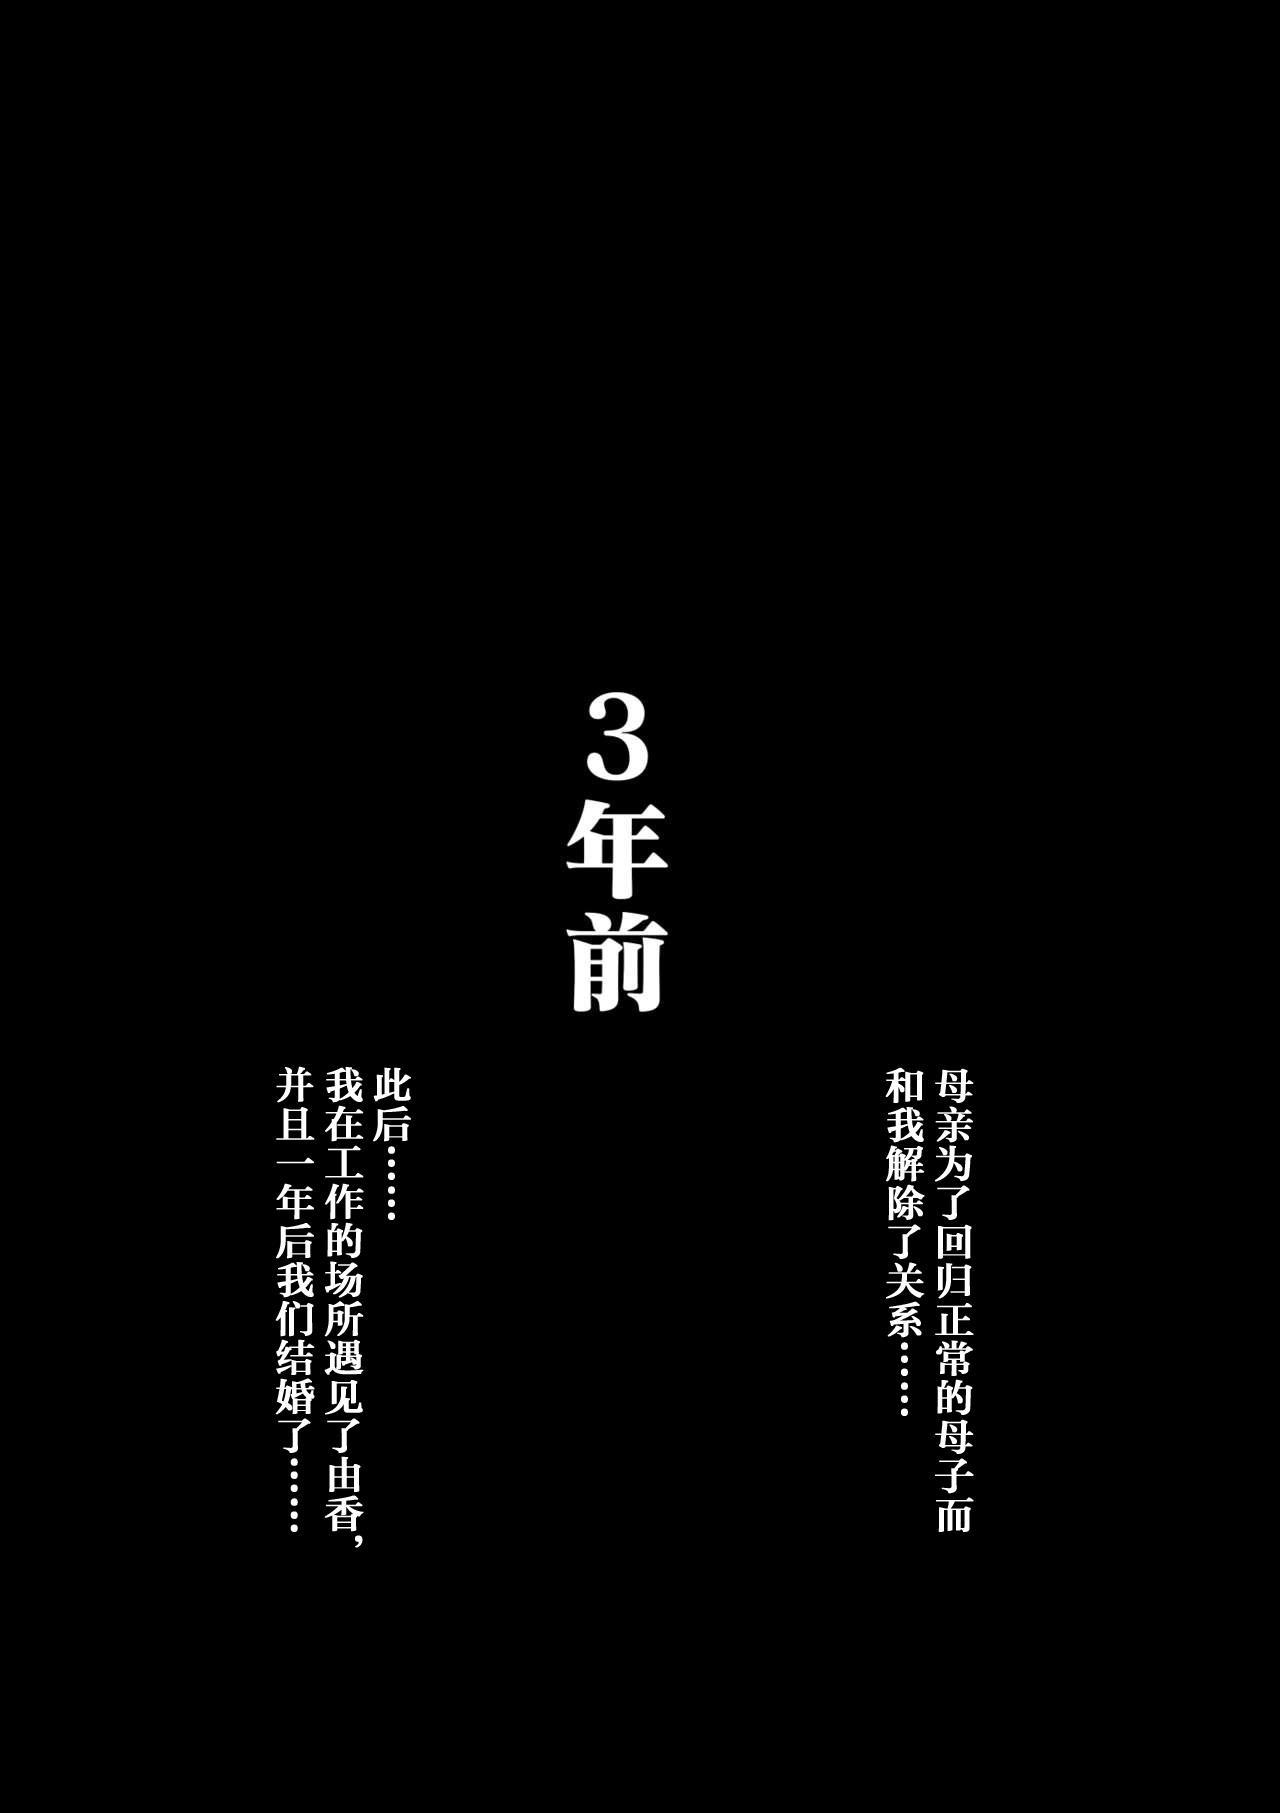 [Oozora Kaiko] Kaa-san to Ore no 20-nenshi ~Waga Ie no Kinshin Soukan Kaikoroku [Chinese] [金麦基个人汉化] 32